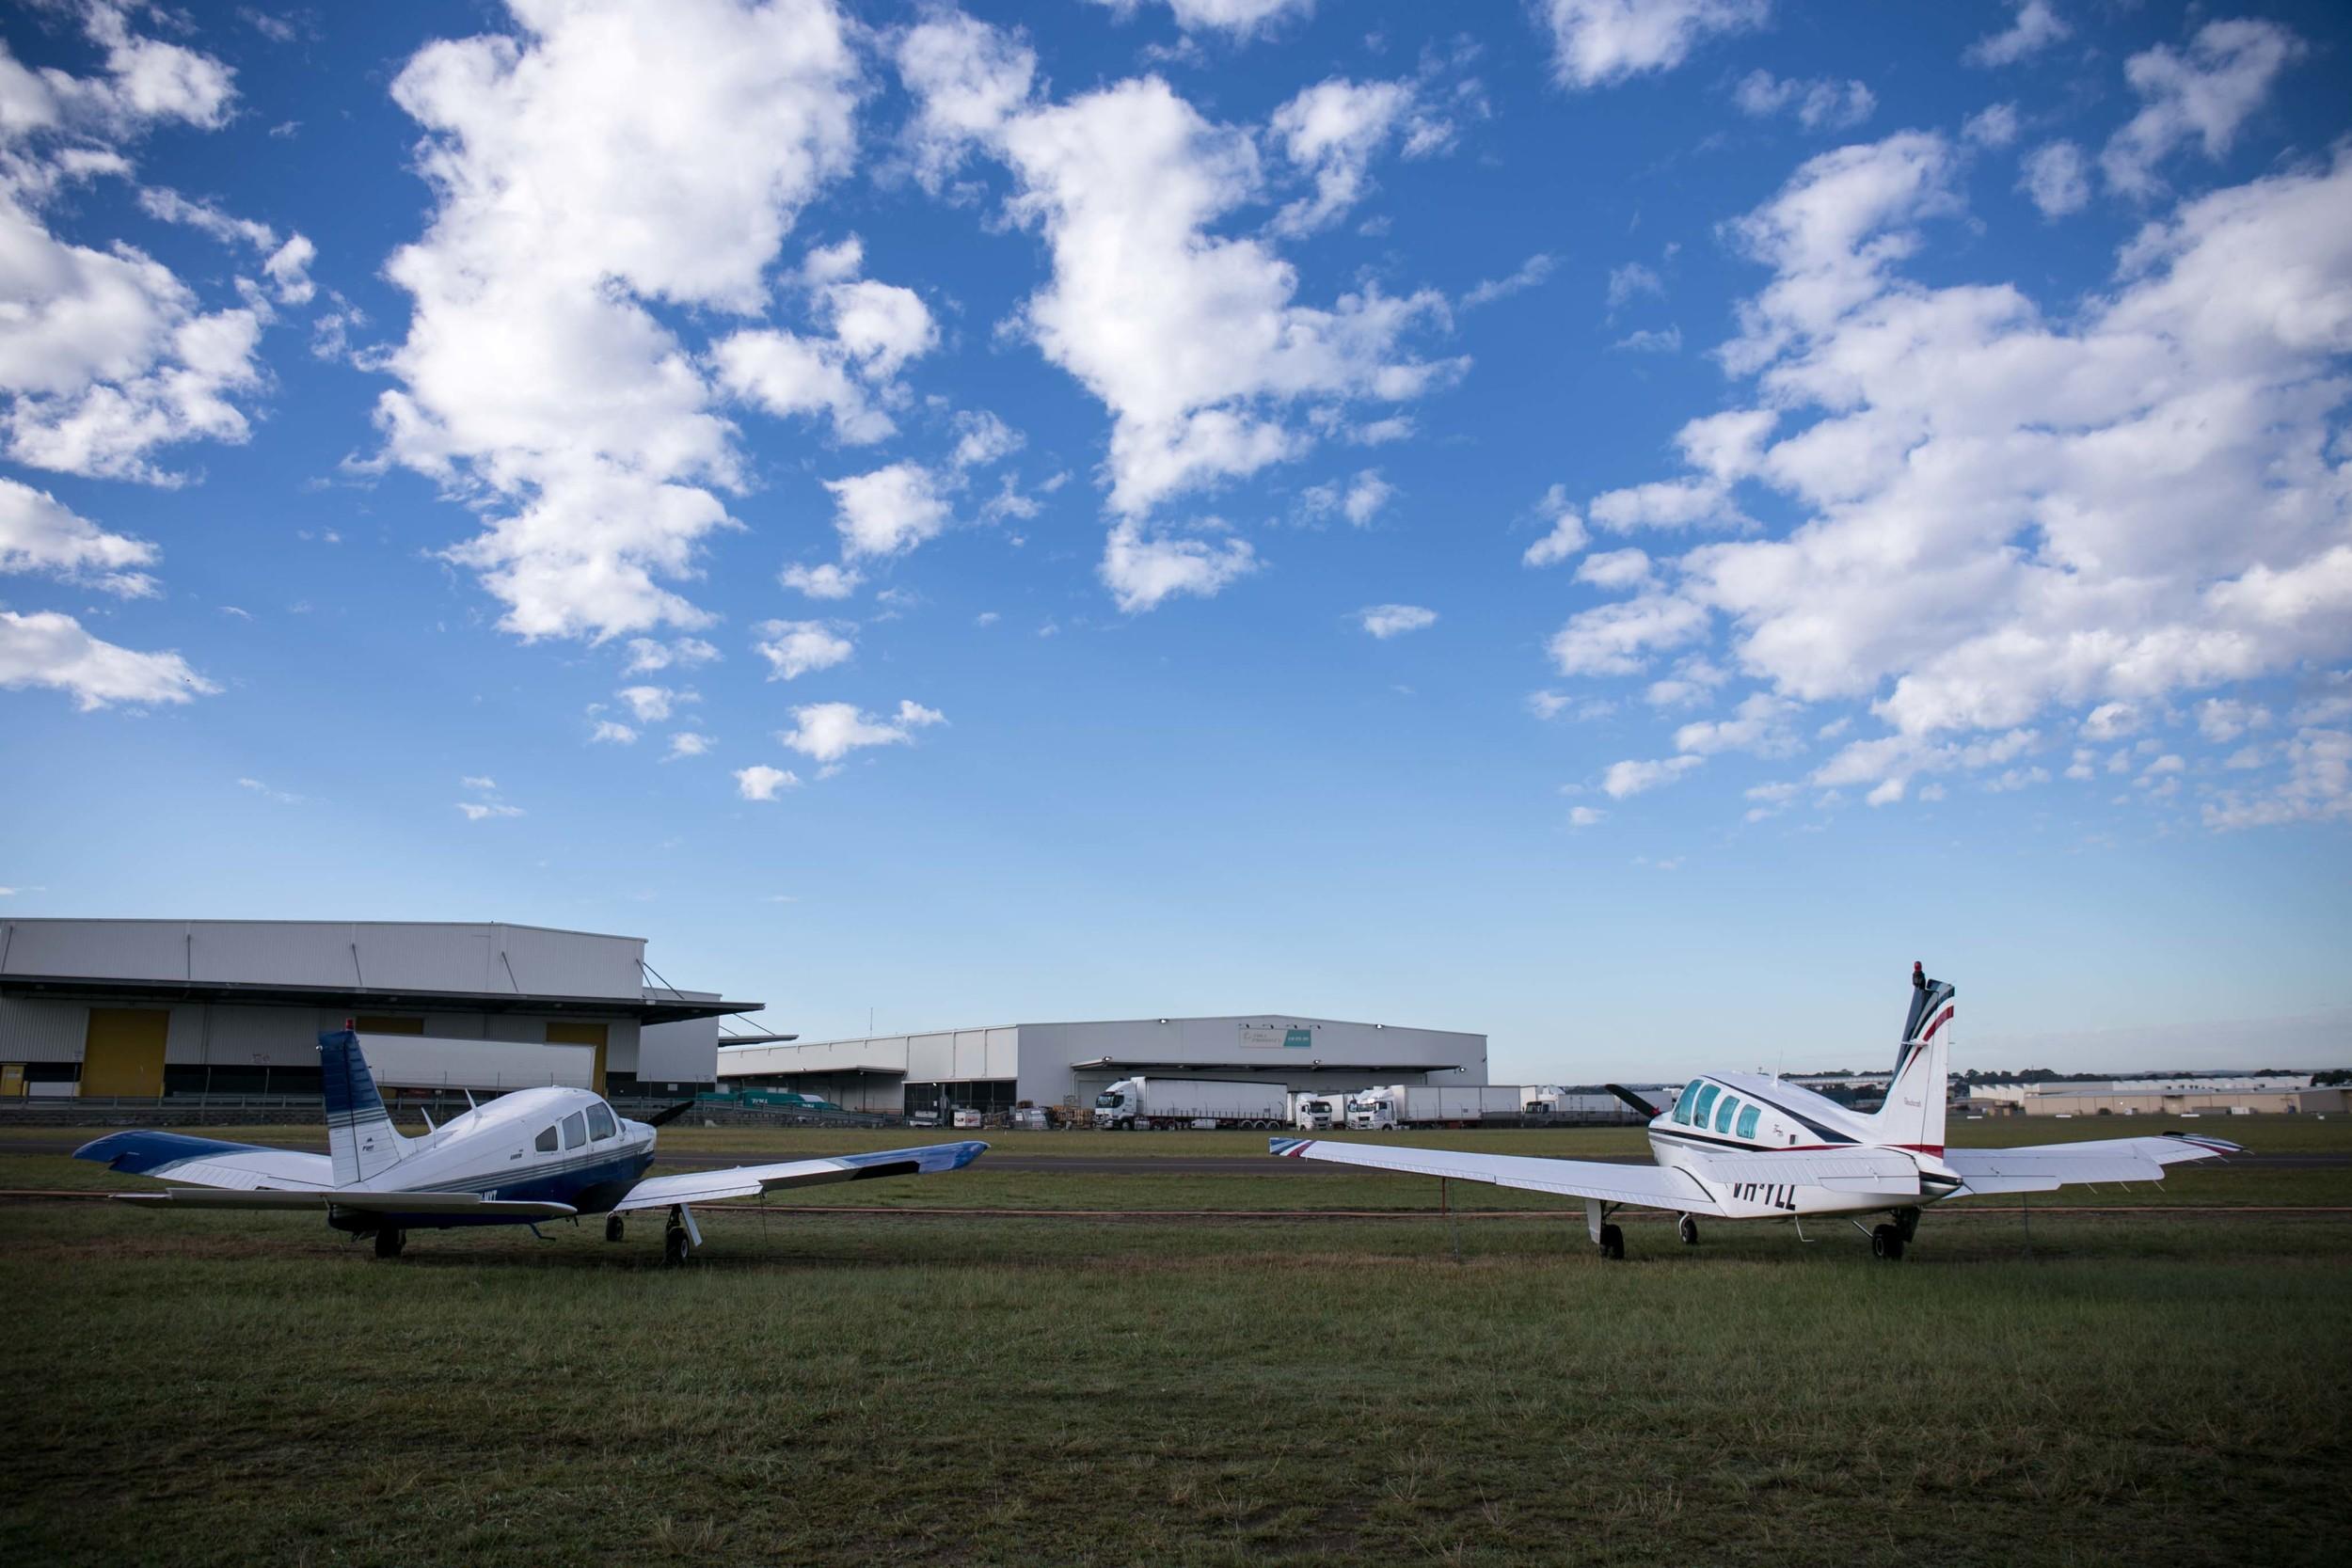 in_venus_Veritas_pilots_BANKSTOWN_AIRPORT-5.jpg